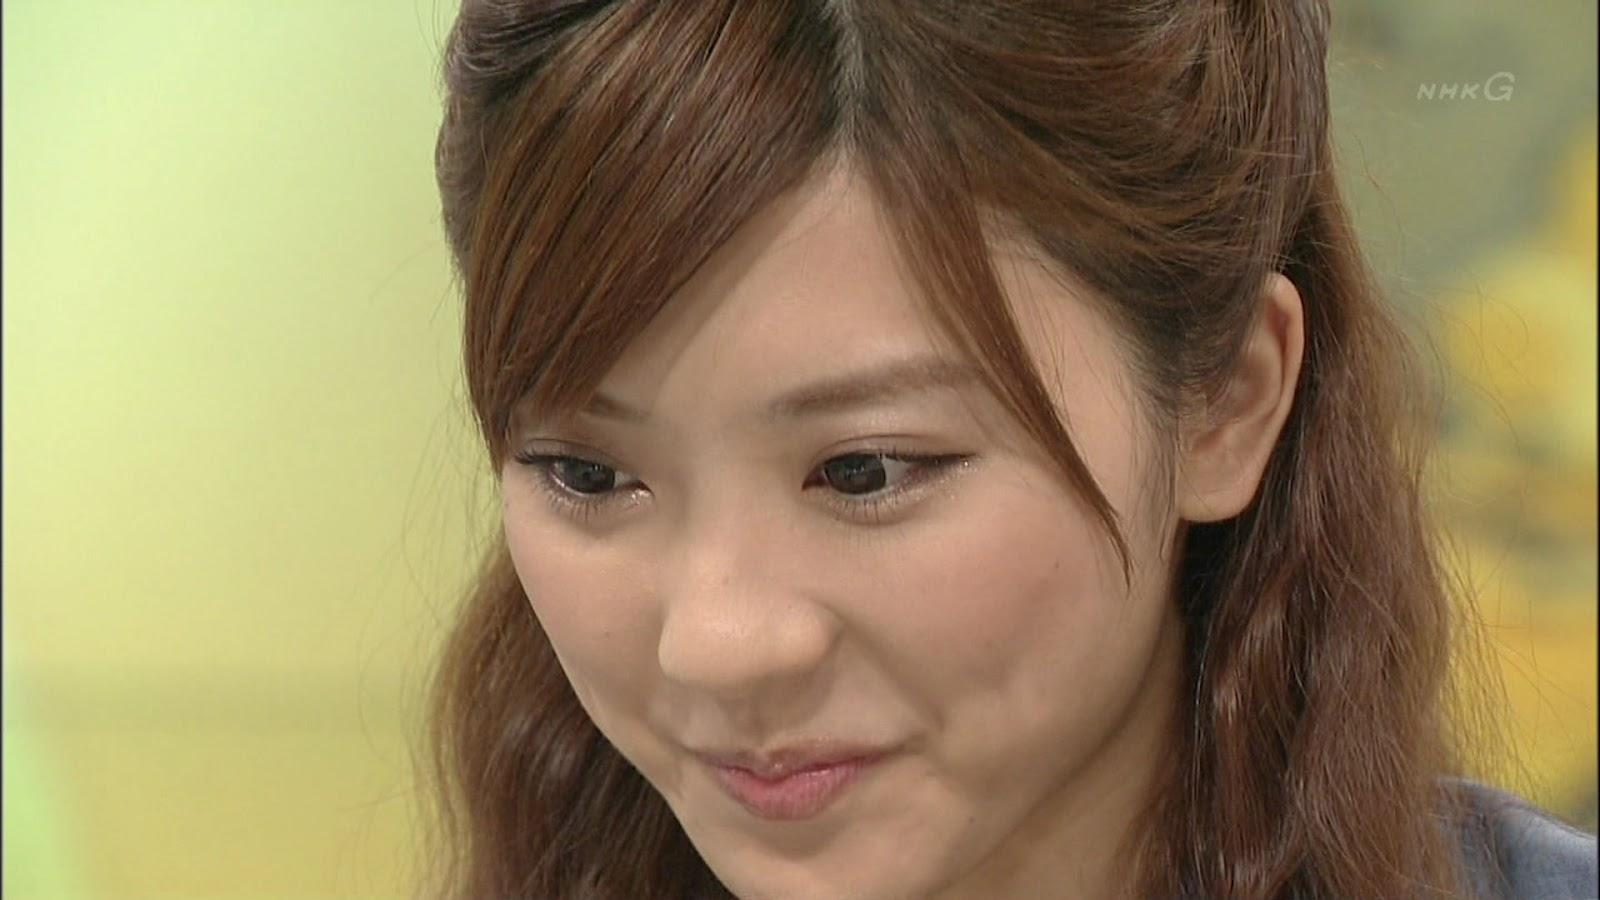 山岸舞彩キャプチャー画像庫: 8月 2012